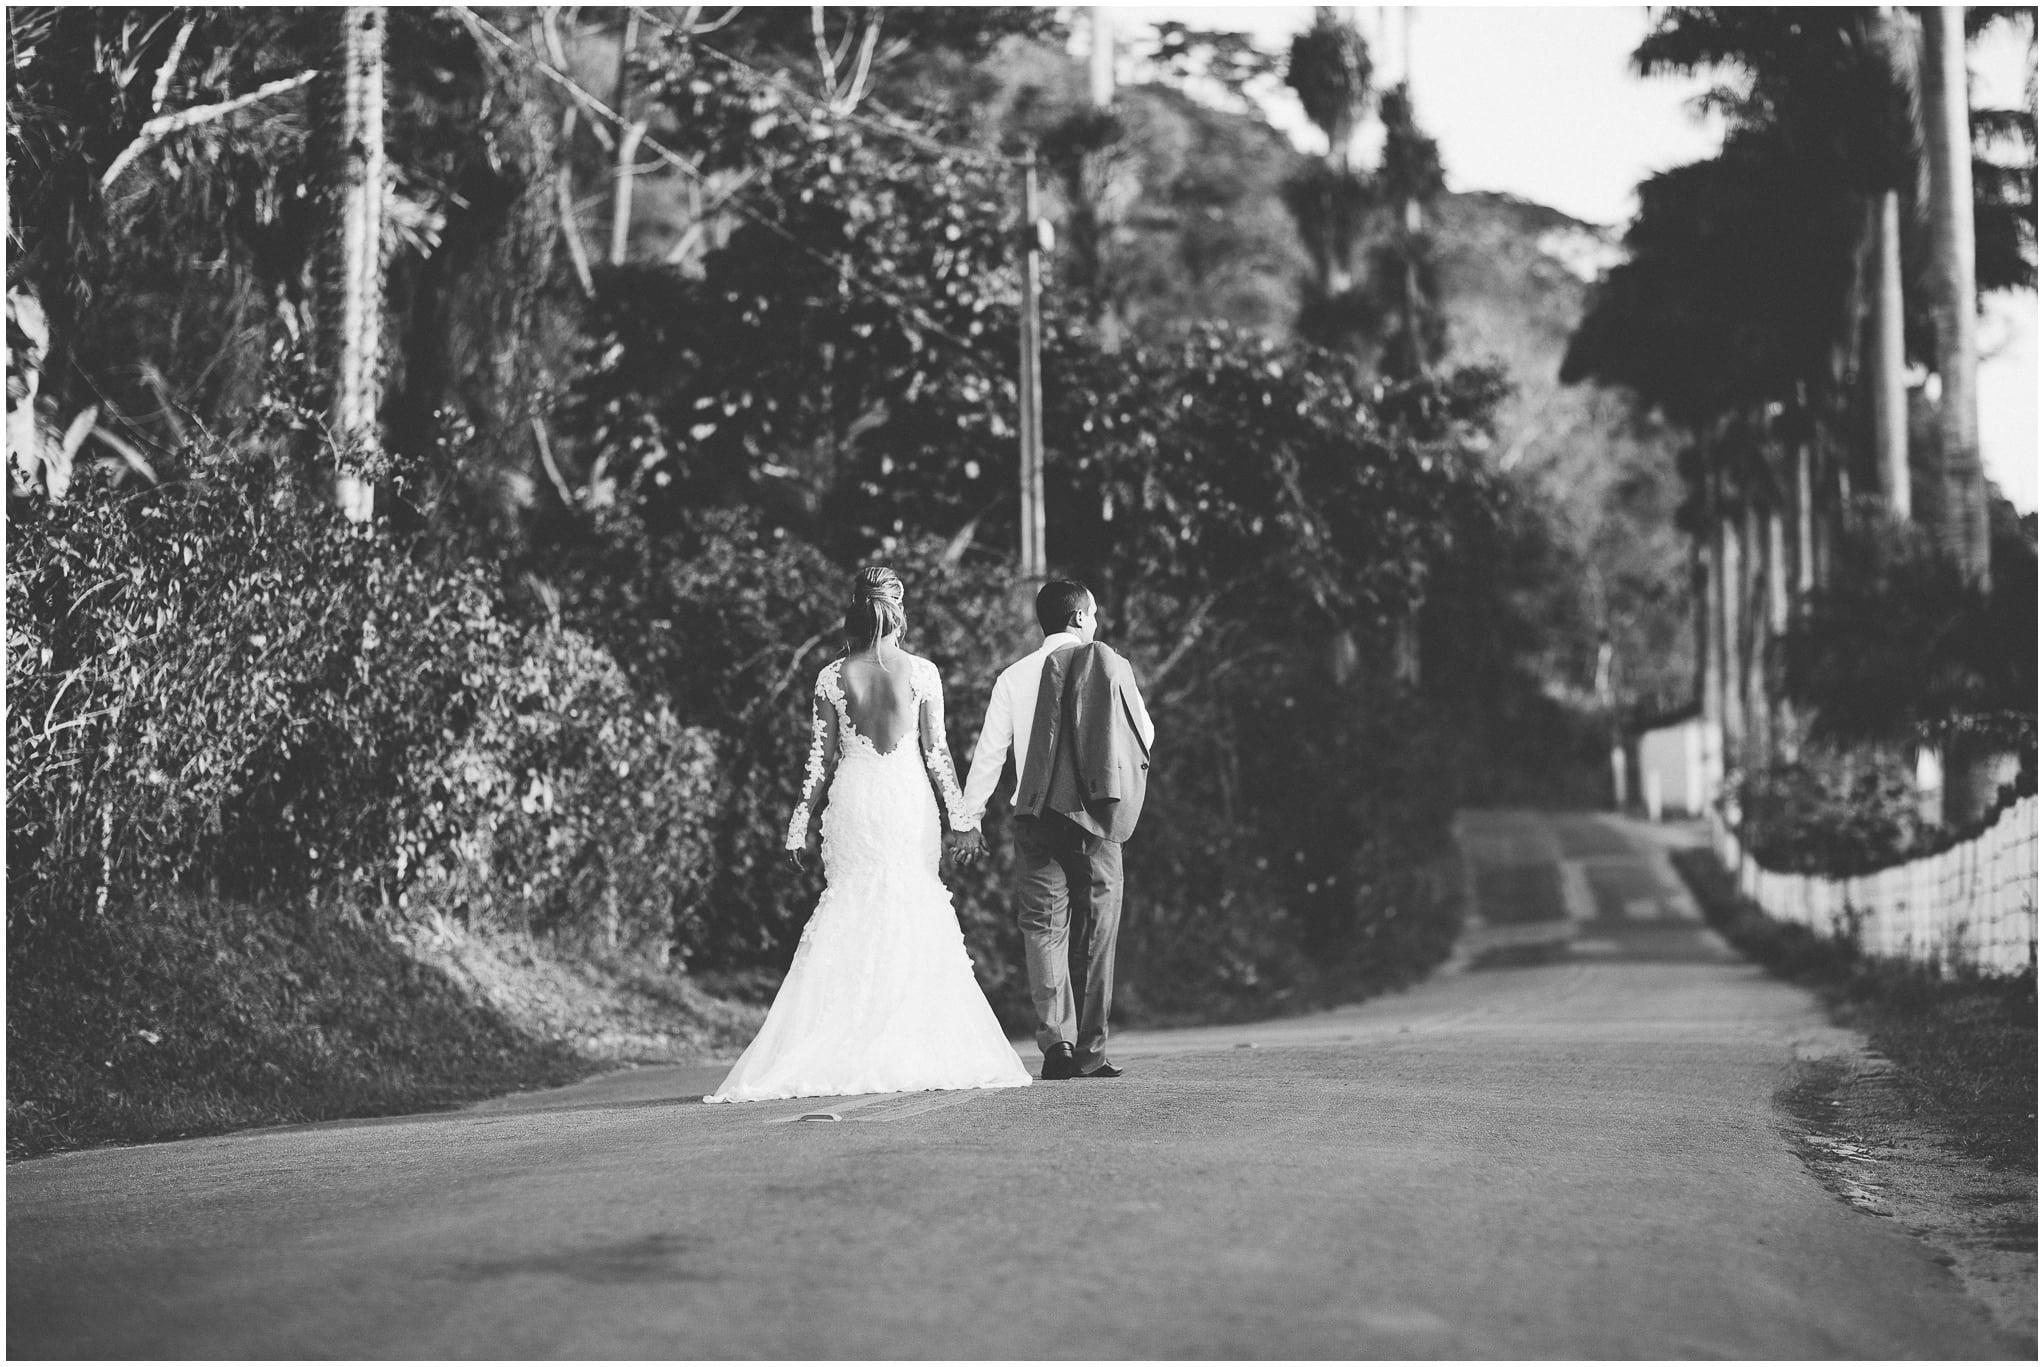 fotografo-de-casamento15